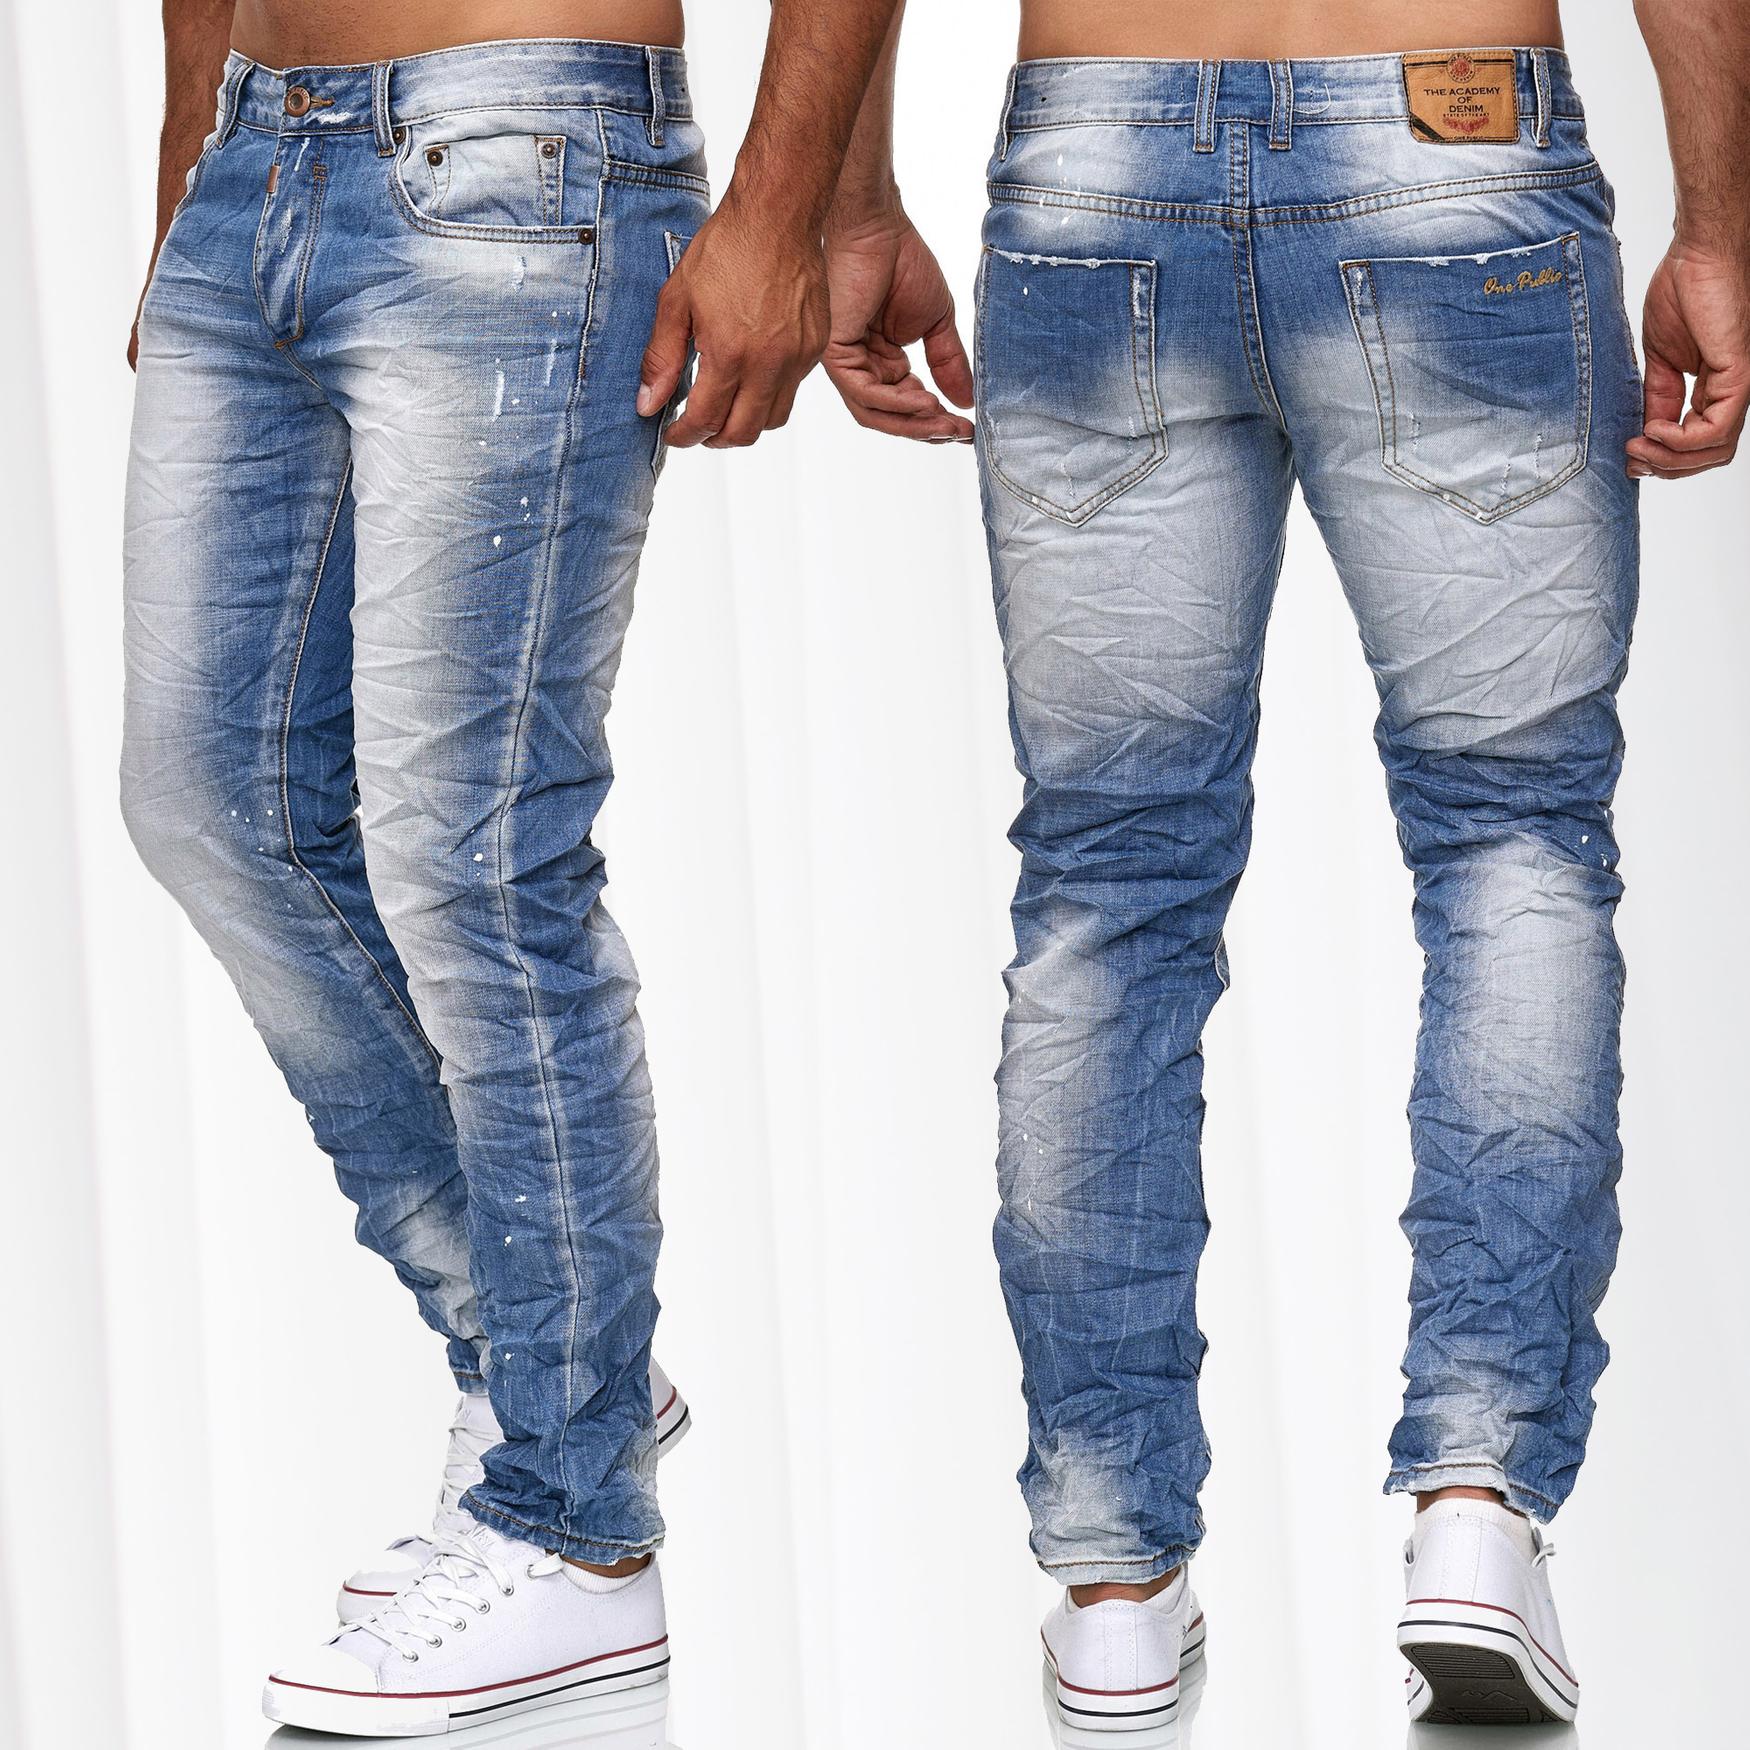 49108a47a0d364 Herren Jeans Hose Knitter Vintage Denim Used Look Slim Fit Stone Washed  Crinkle - Nr 1409